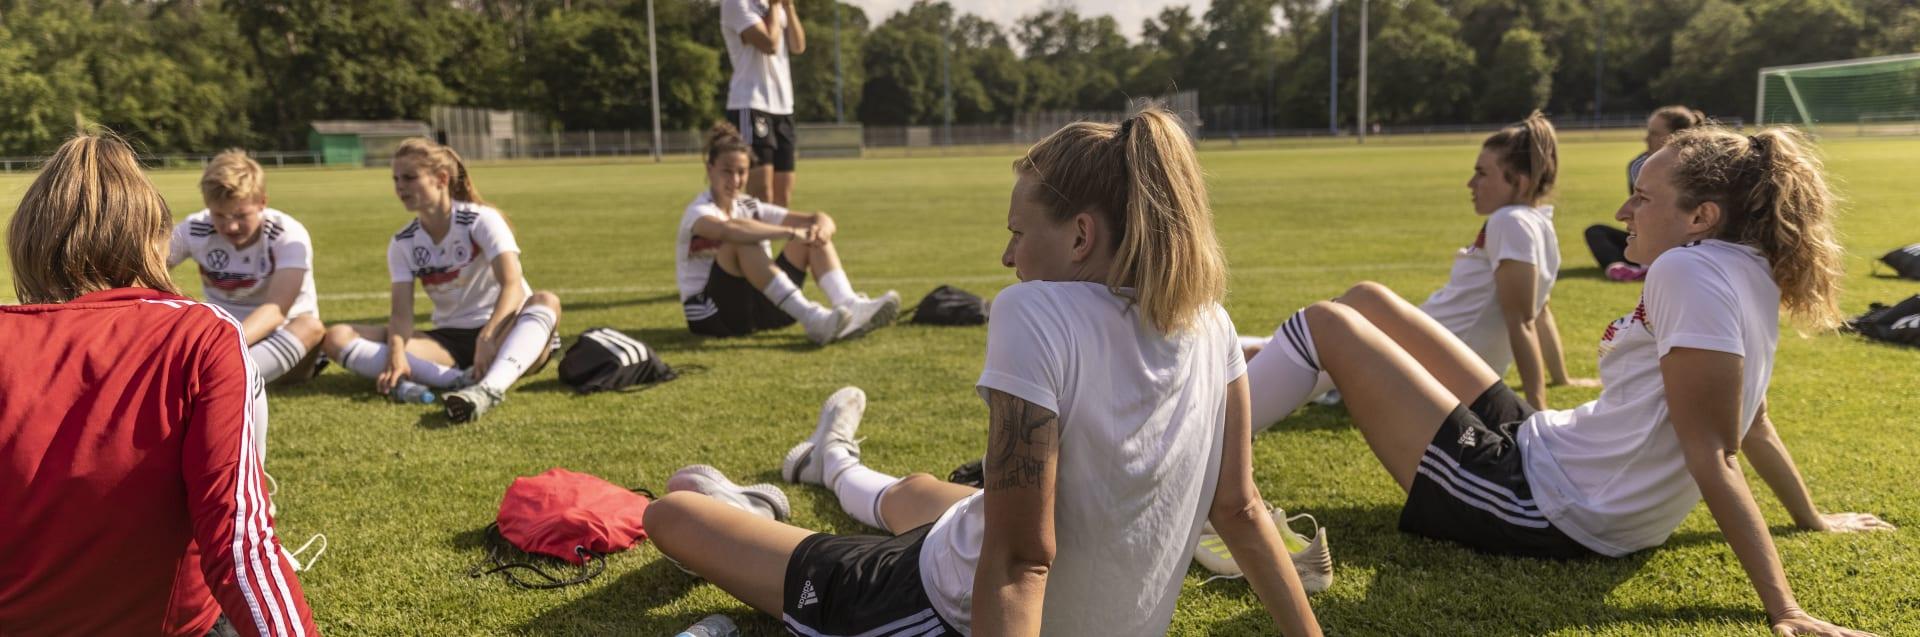 Die Spielerinnen der Frauen Nationalmannschaft sitzen nach einer Trainingseinheit entspannt auf dem Rasen.